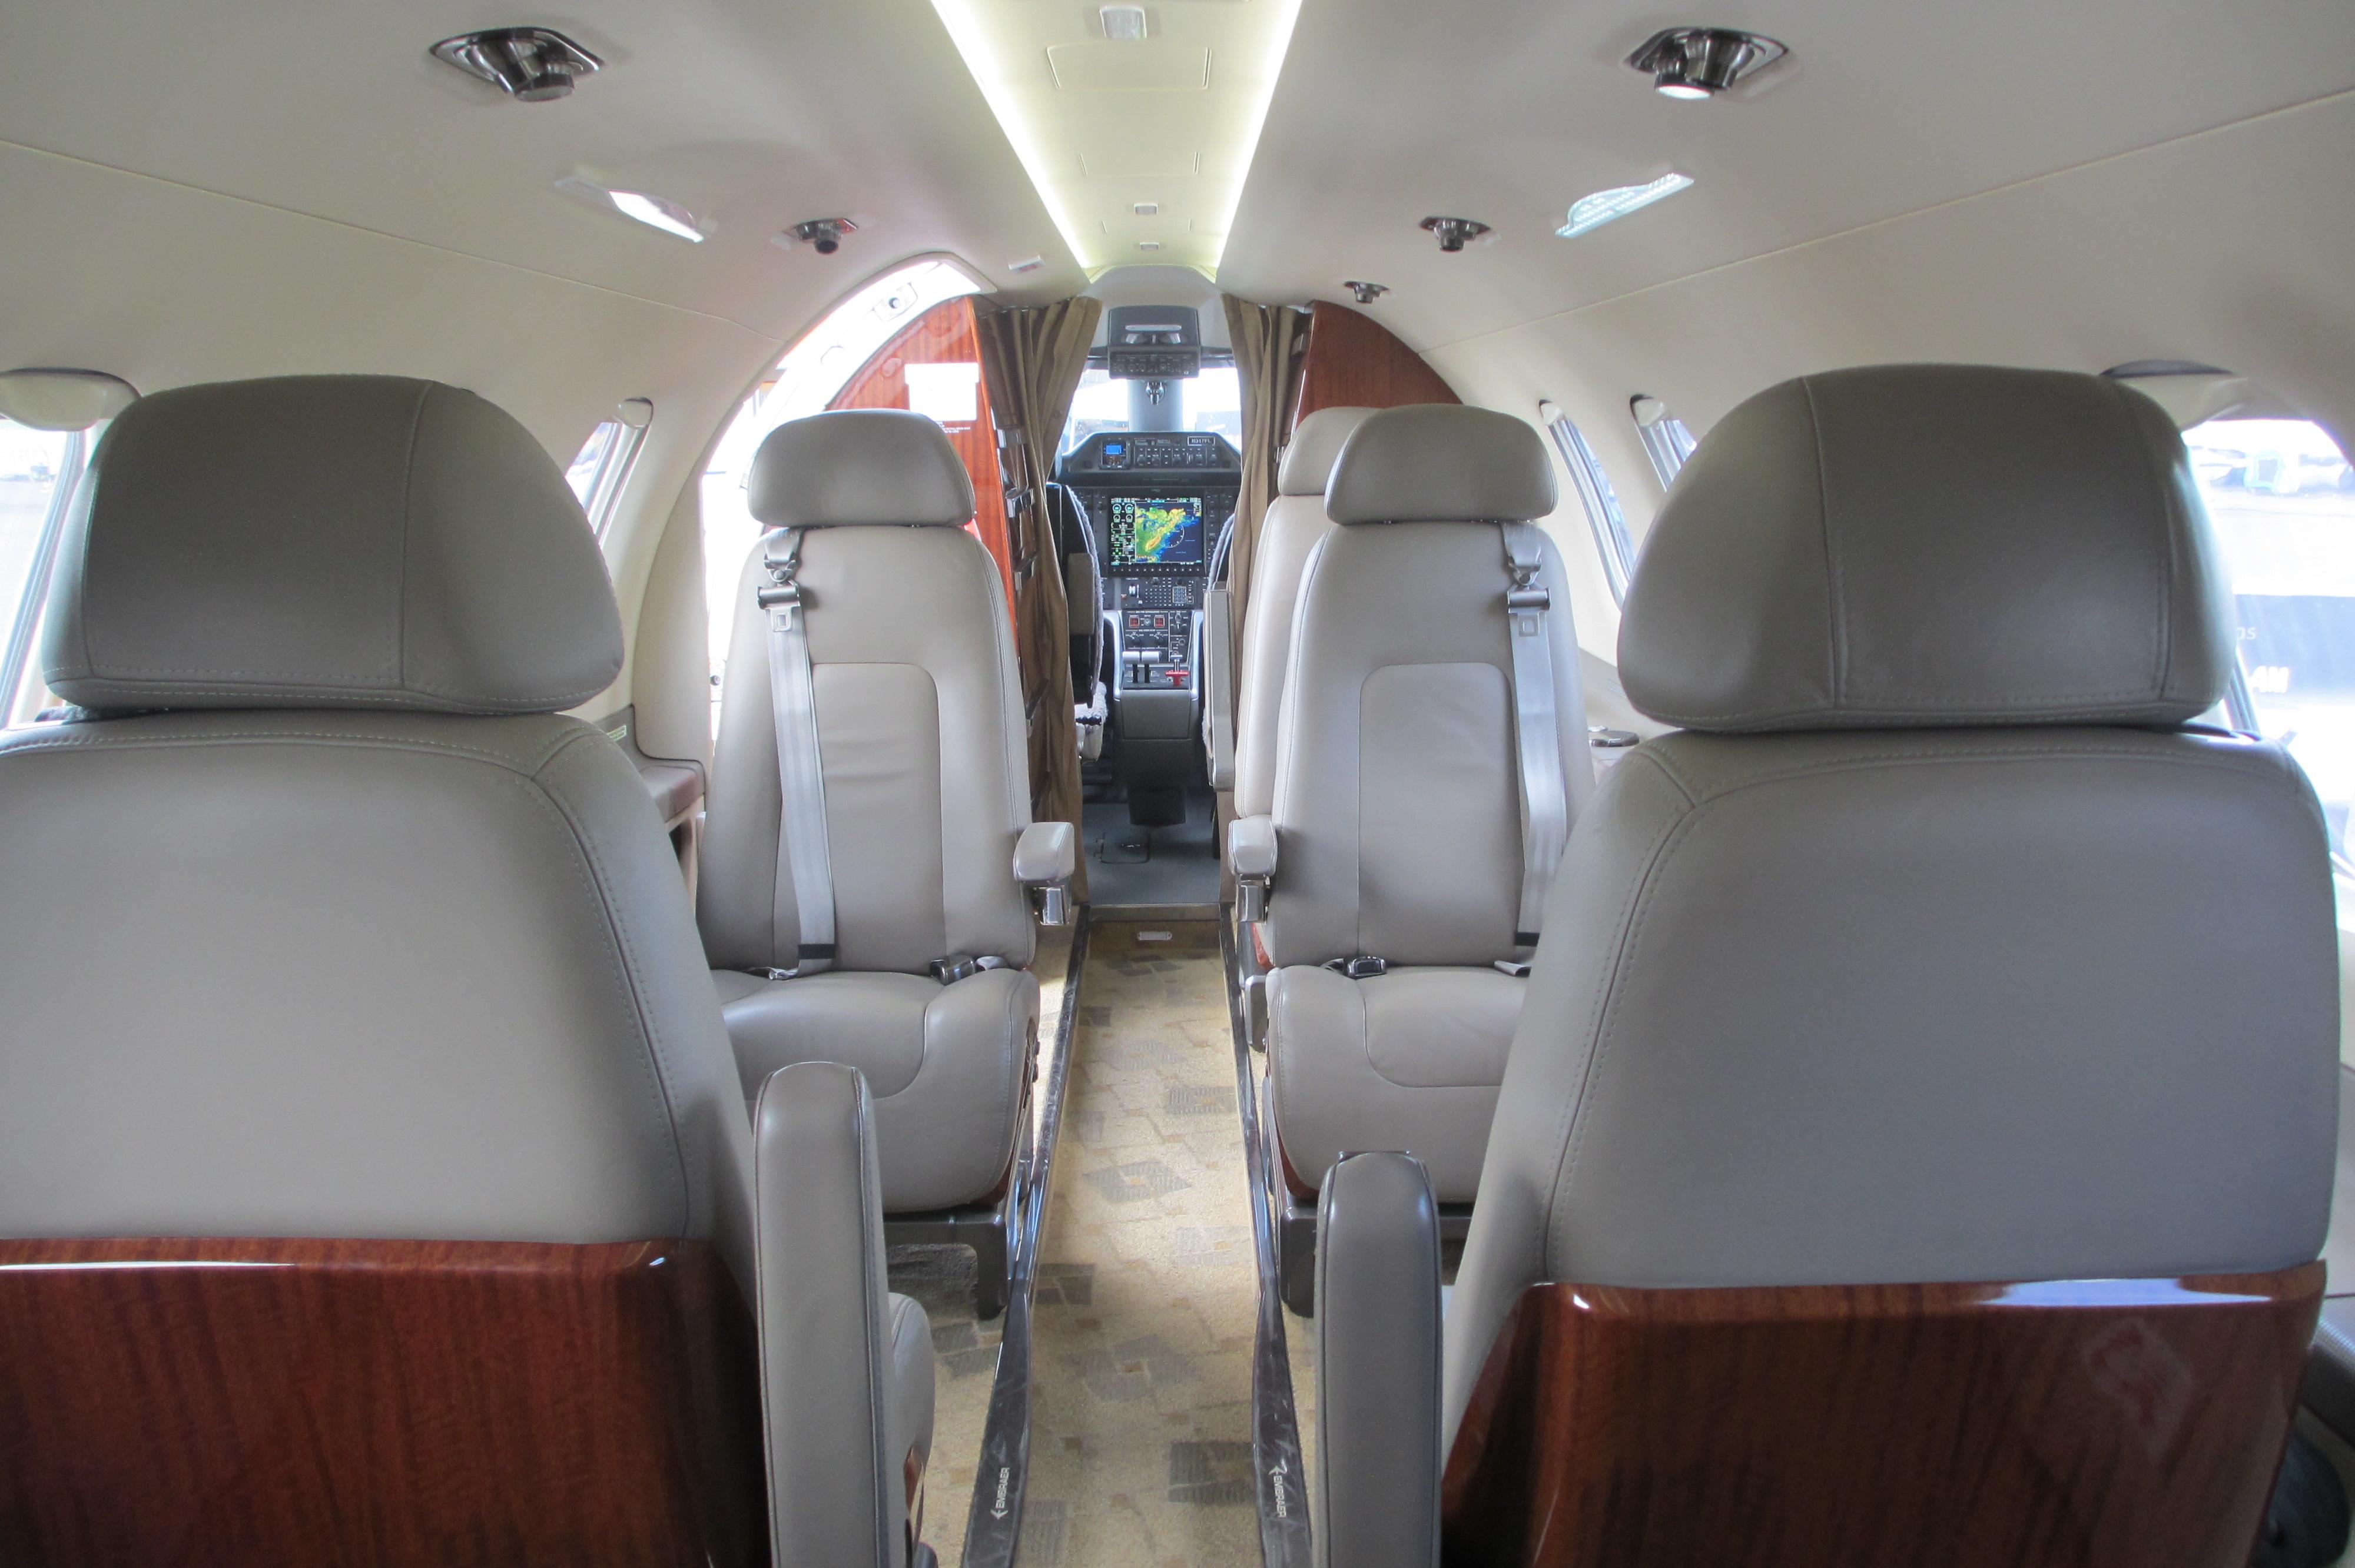 File embraer lineage 1000 interior forward cabin jpg wikimedia - File Embraer Lineage 1000 Interior Forward Cabin Jpg Wikimedia 5